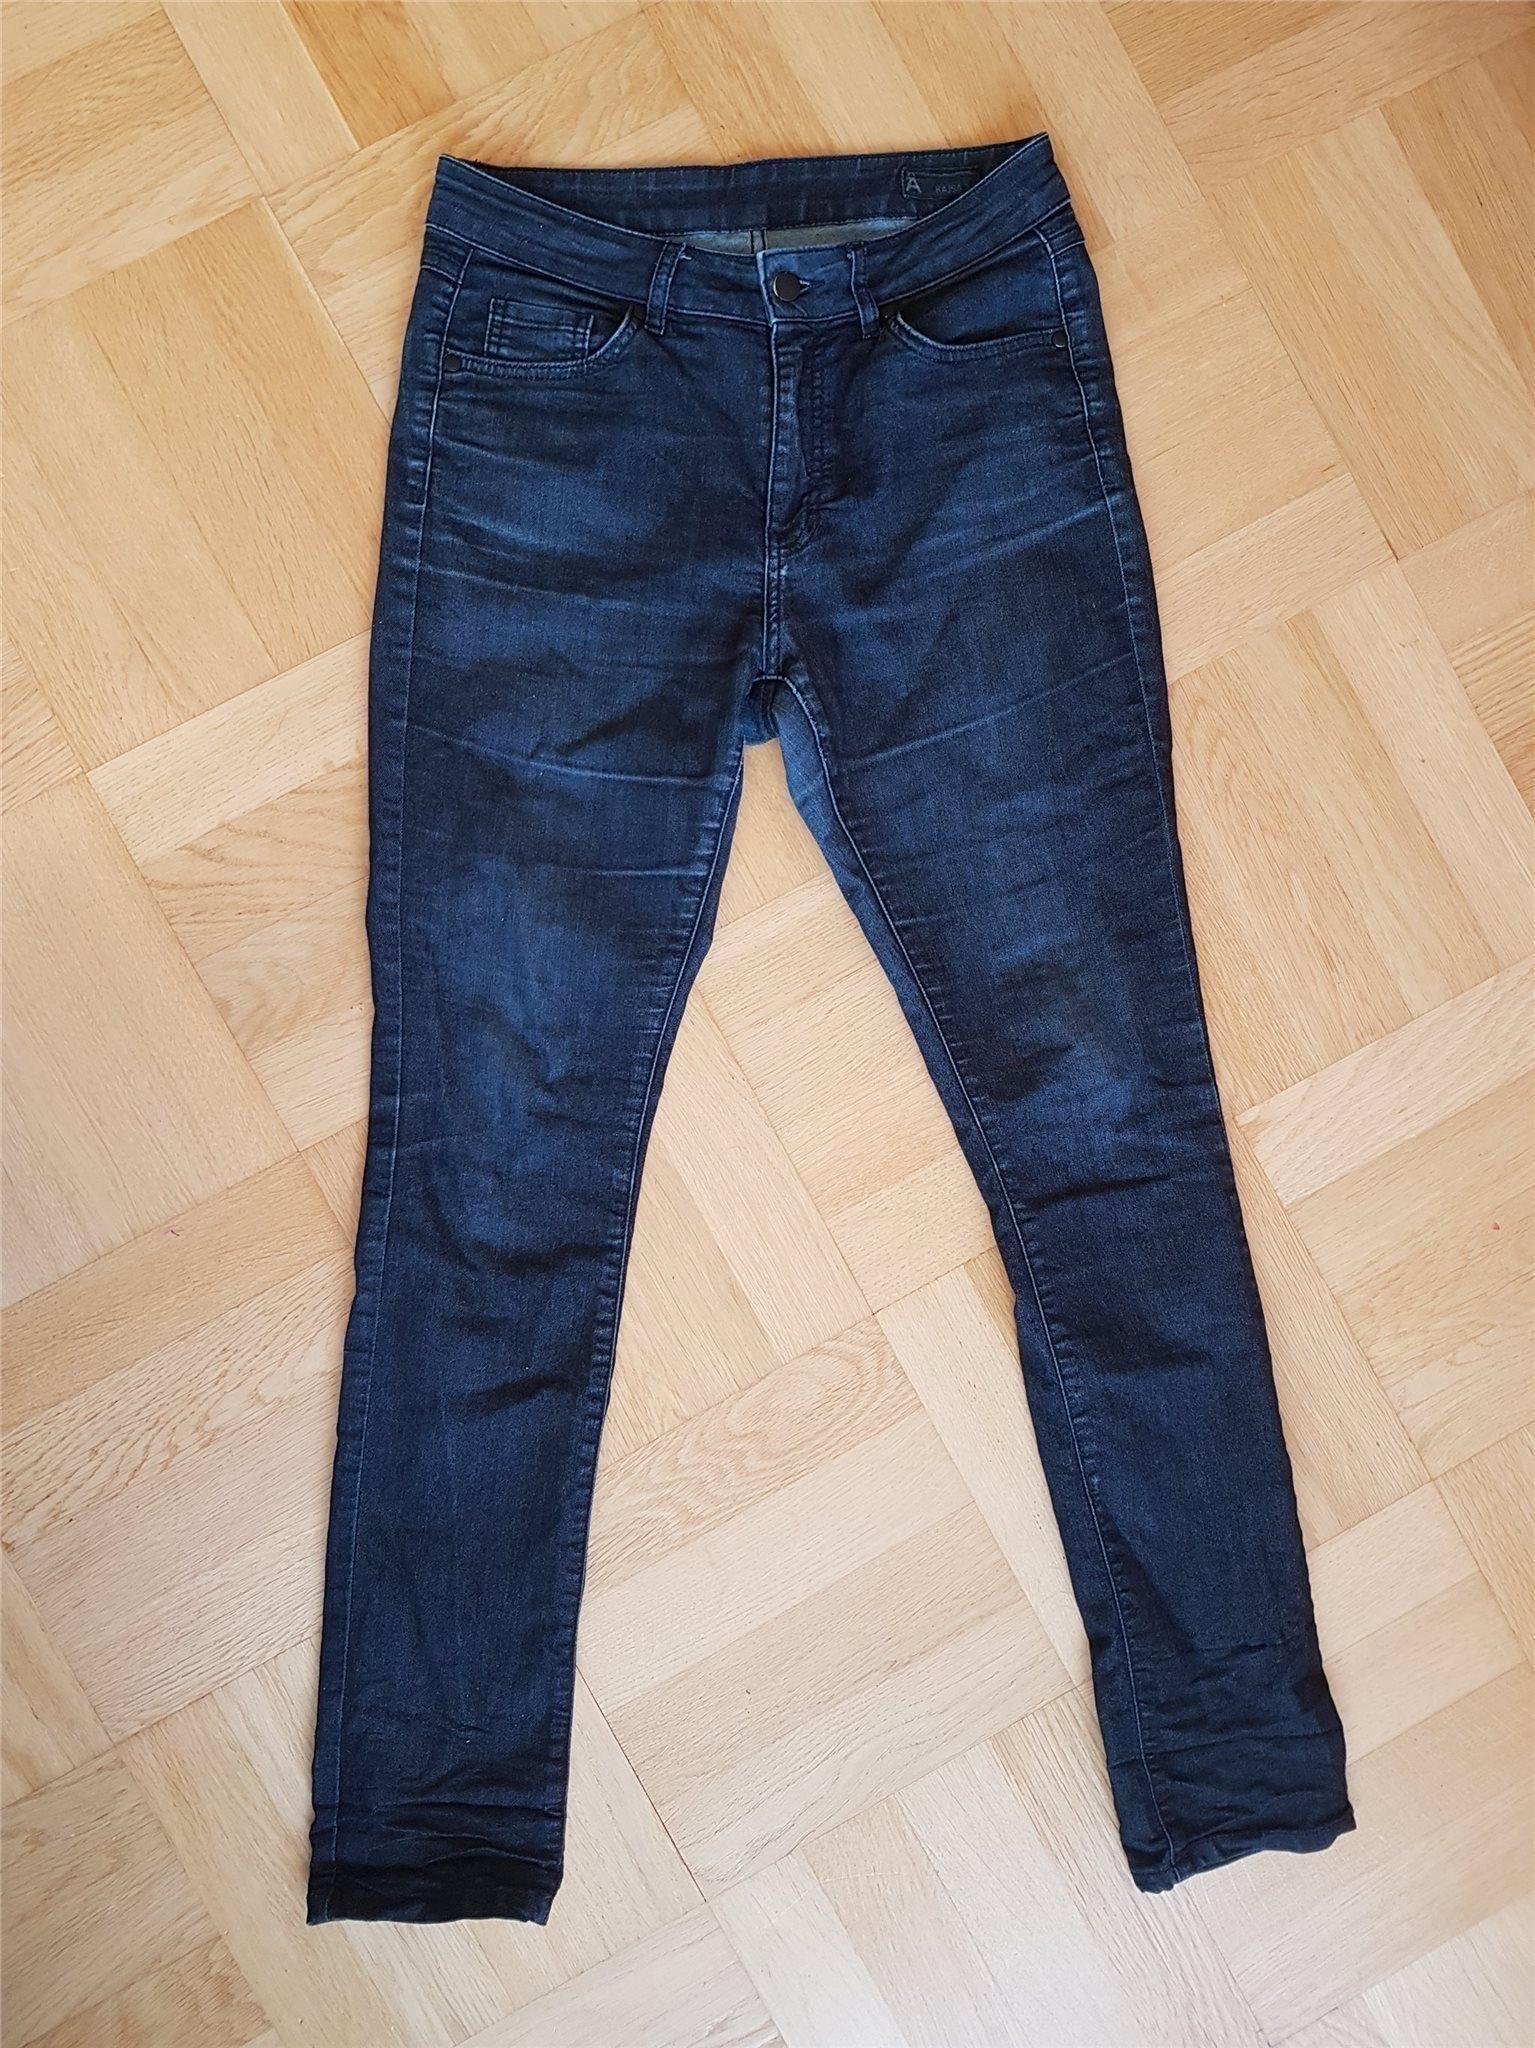 3877b2908646 Tajta jeans strl 30 hög midja från Åhlens (343593878) ᐈ Köp på Tradera